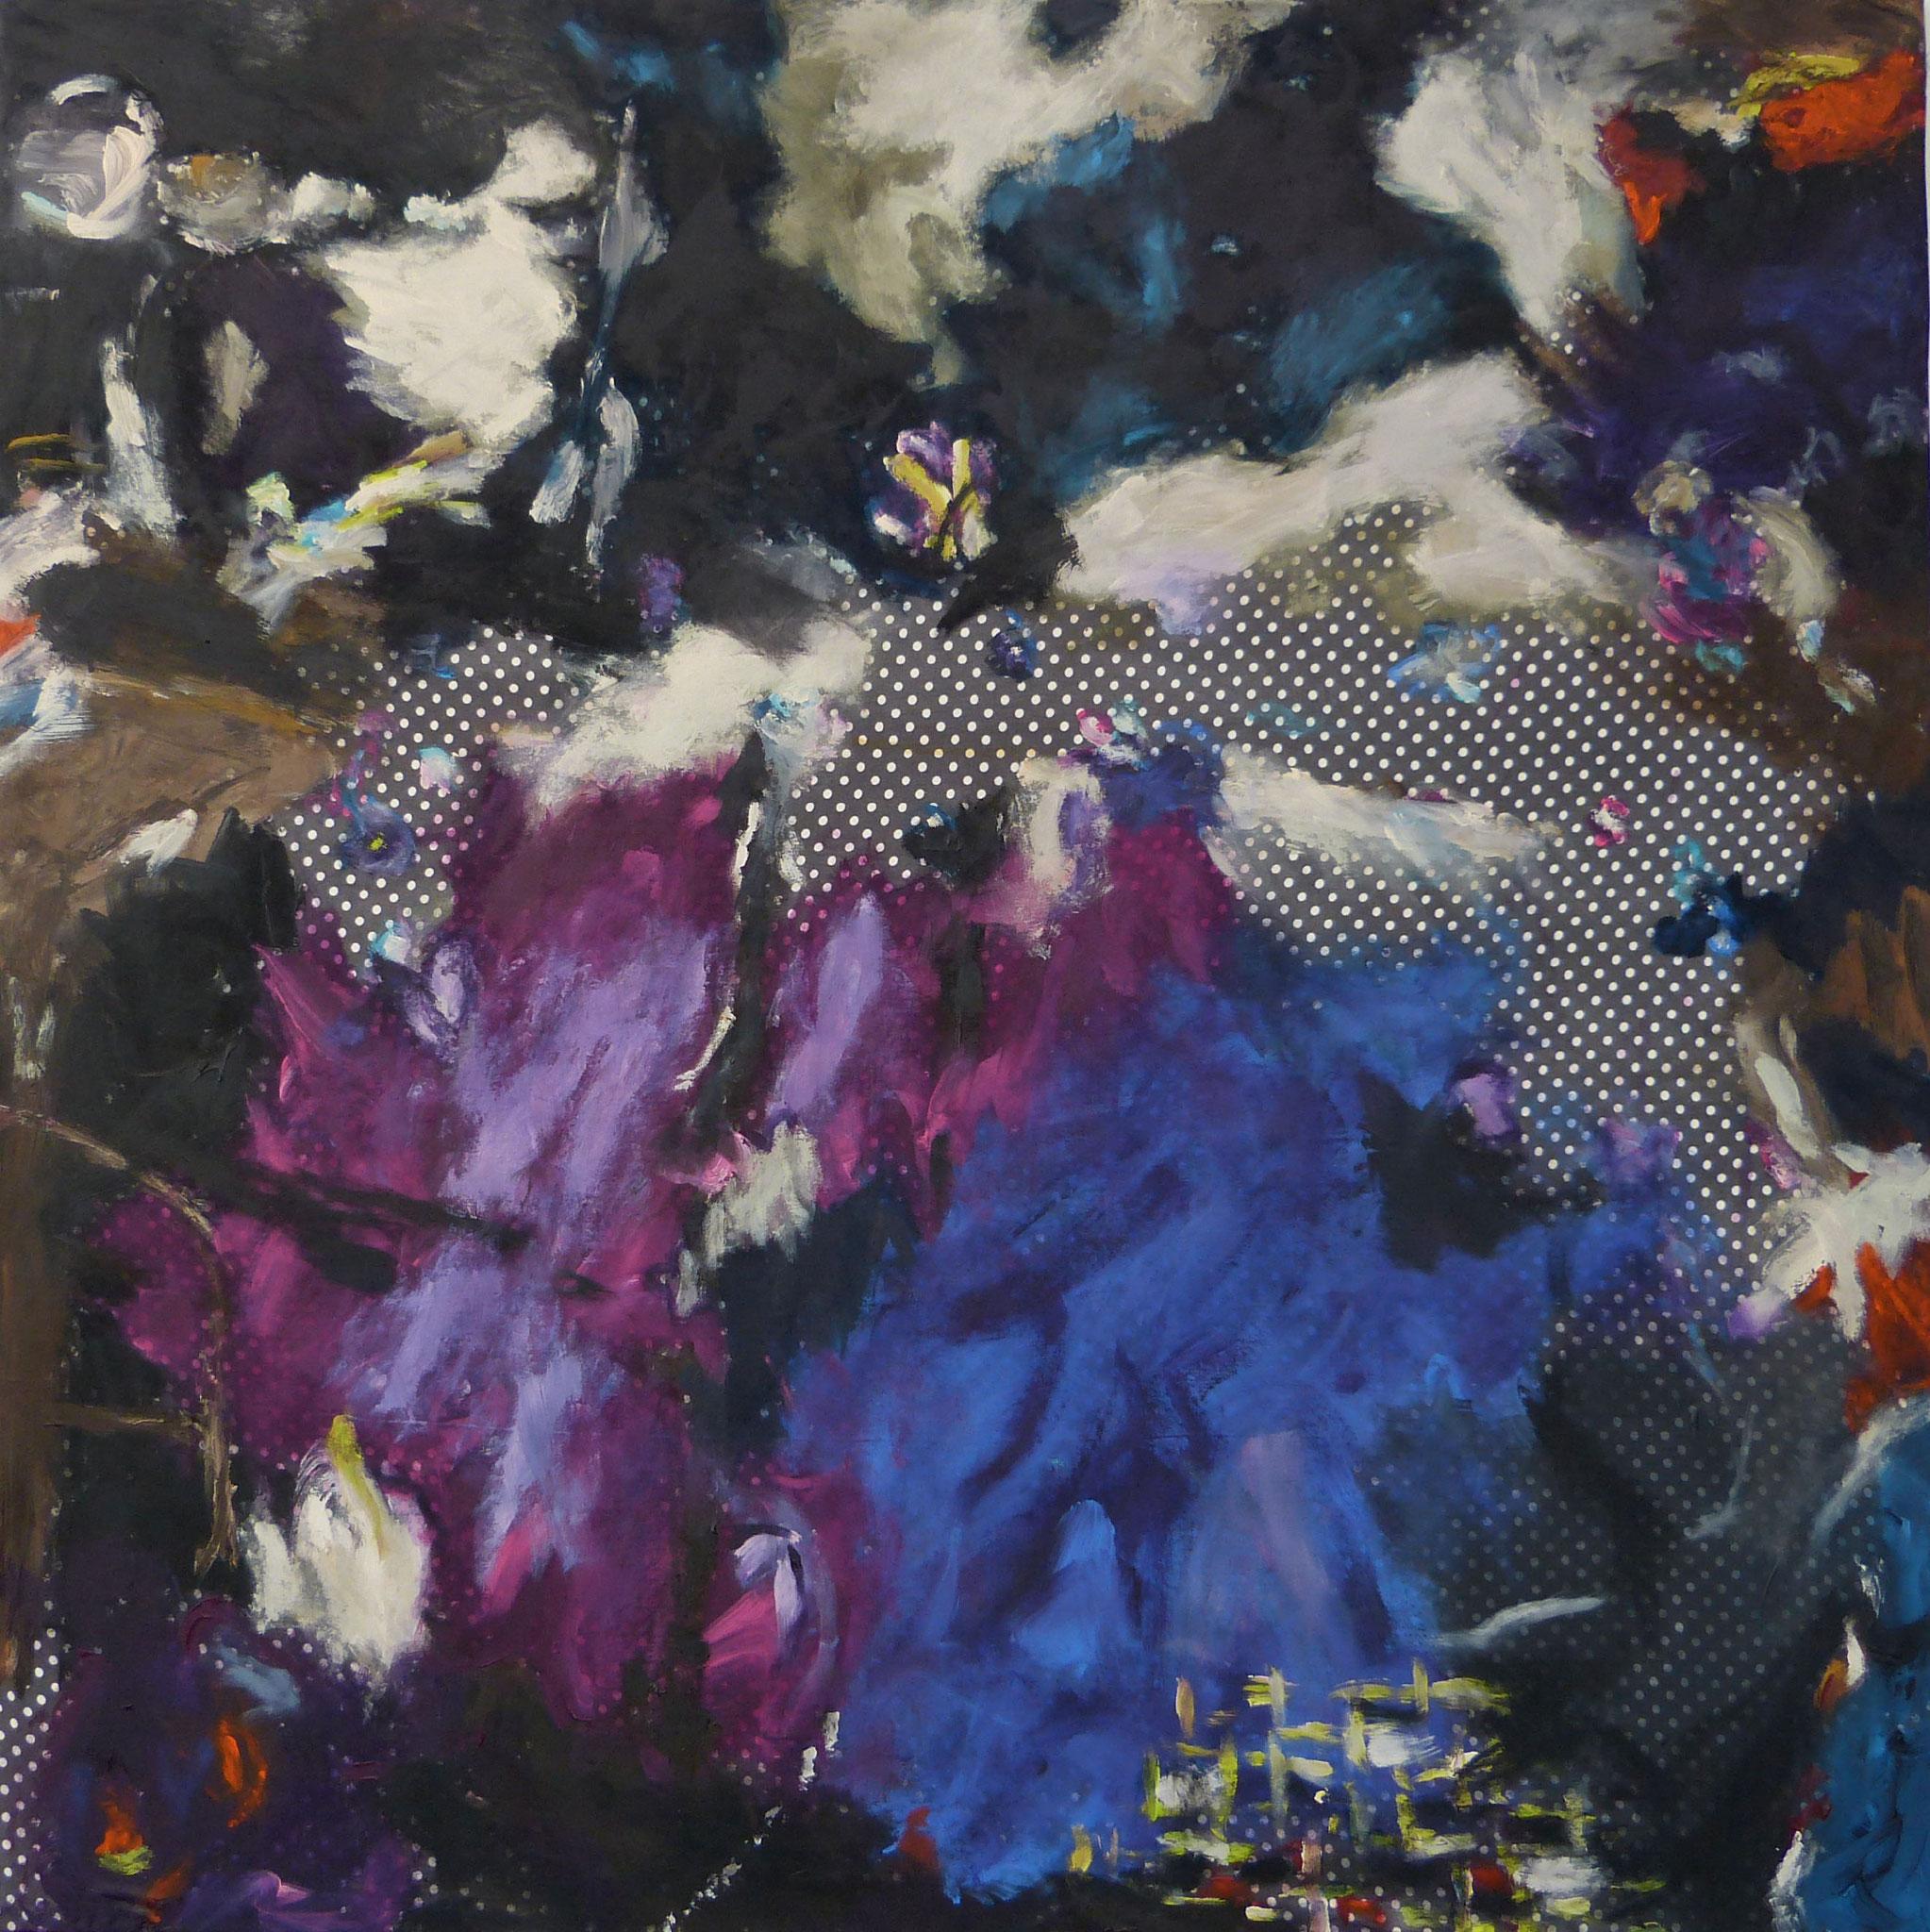 Masala 3, Acryl /Leinwand, 100 x 100 cm, 2016